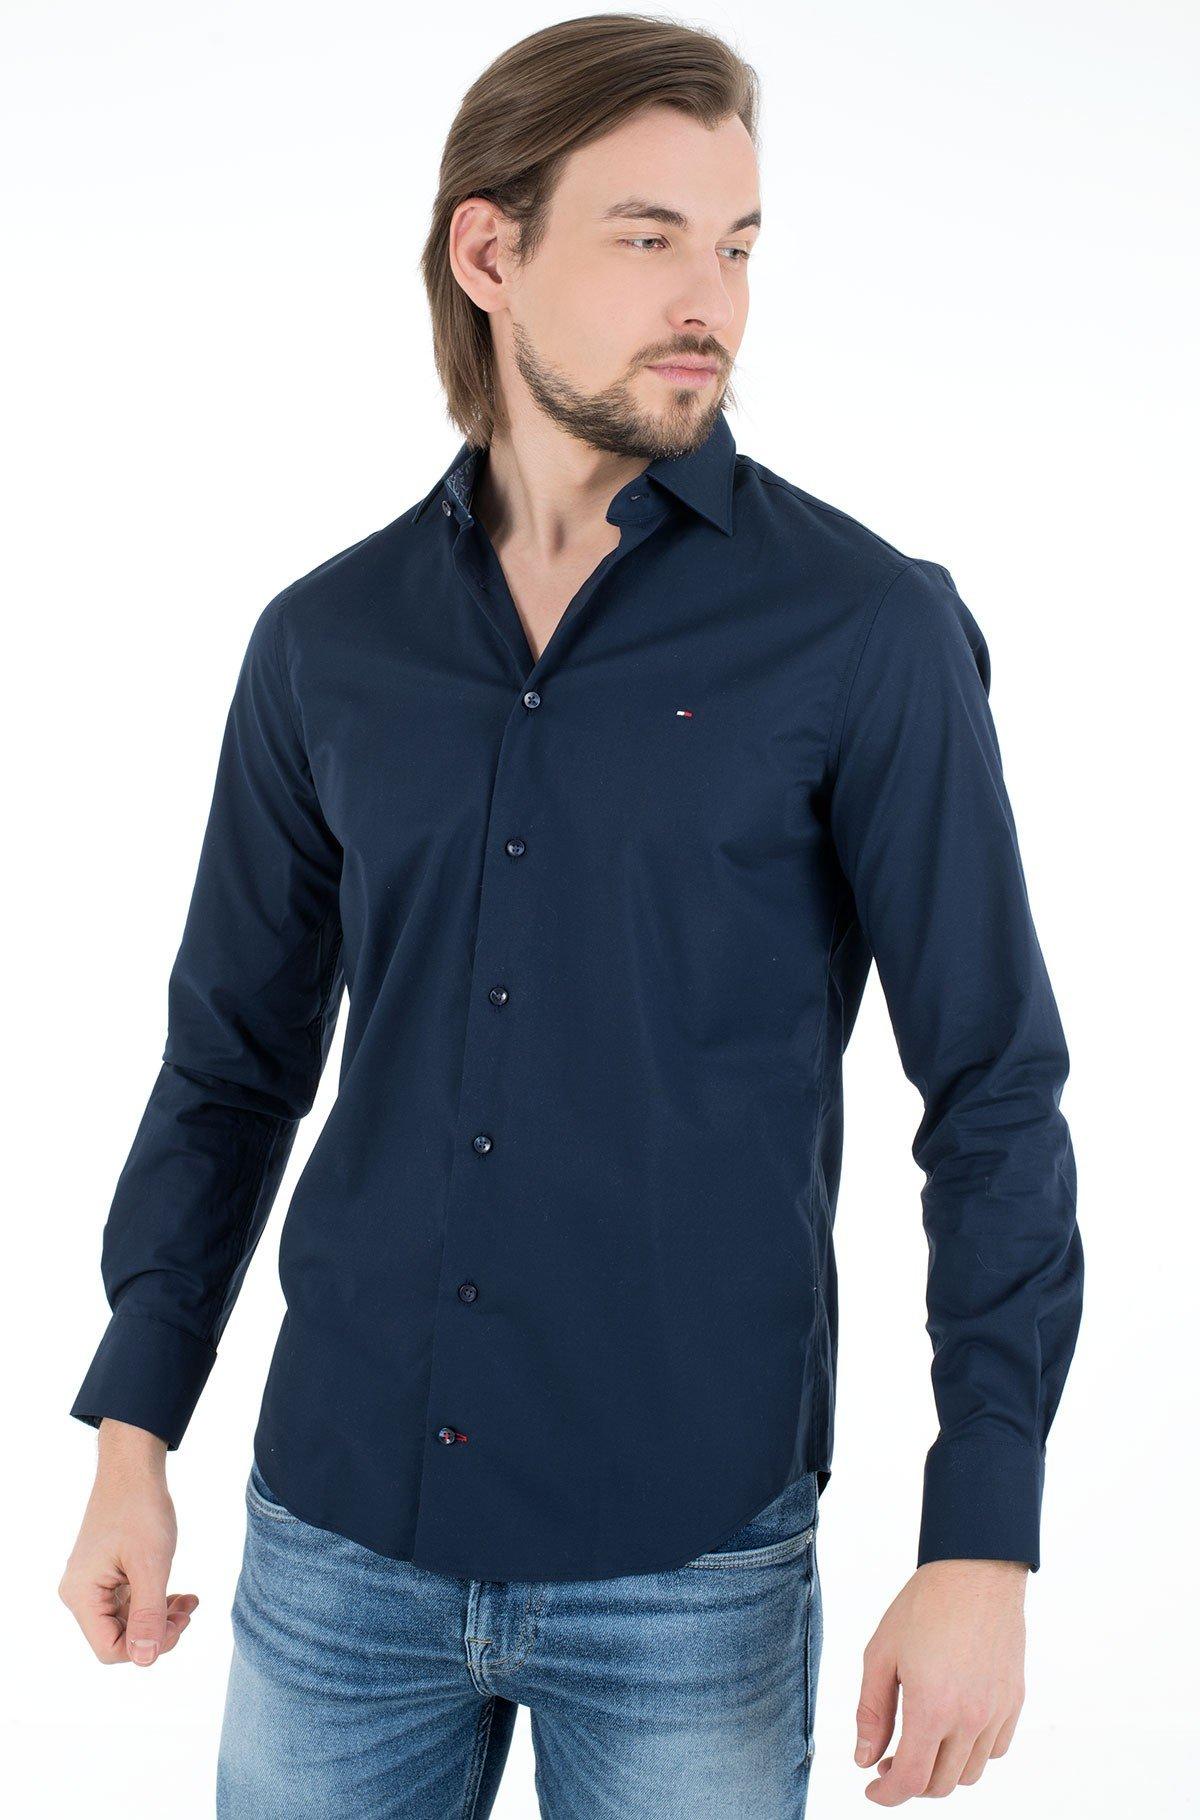 Marškiniai PLAIN REG SHIRT-full-1